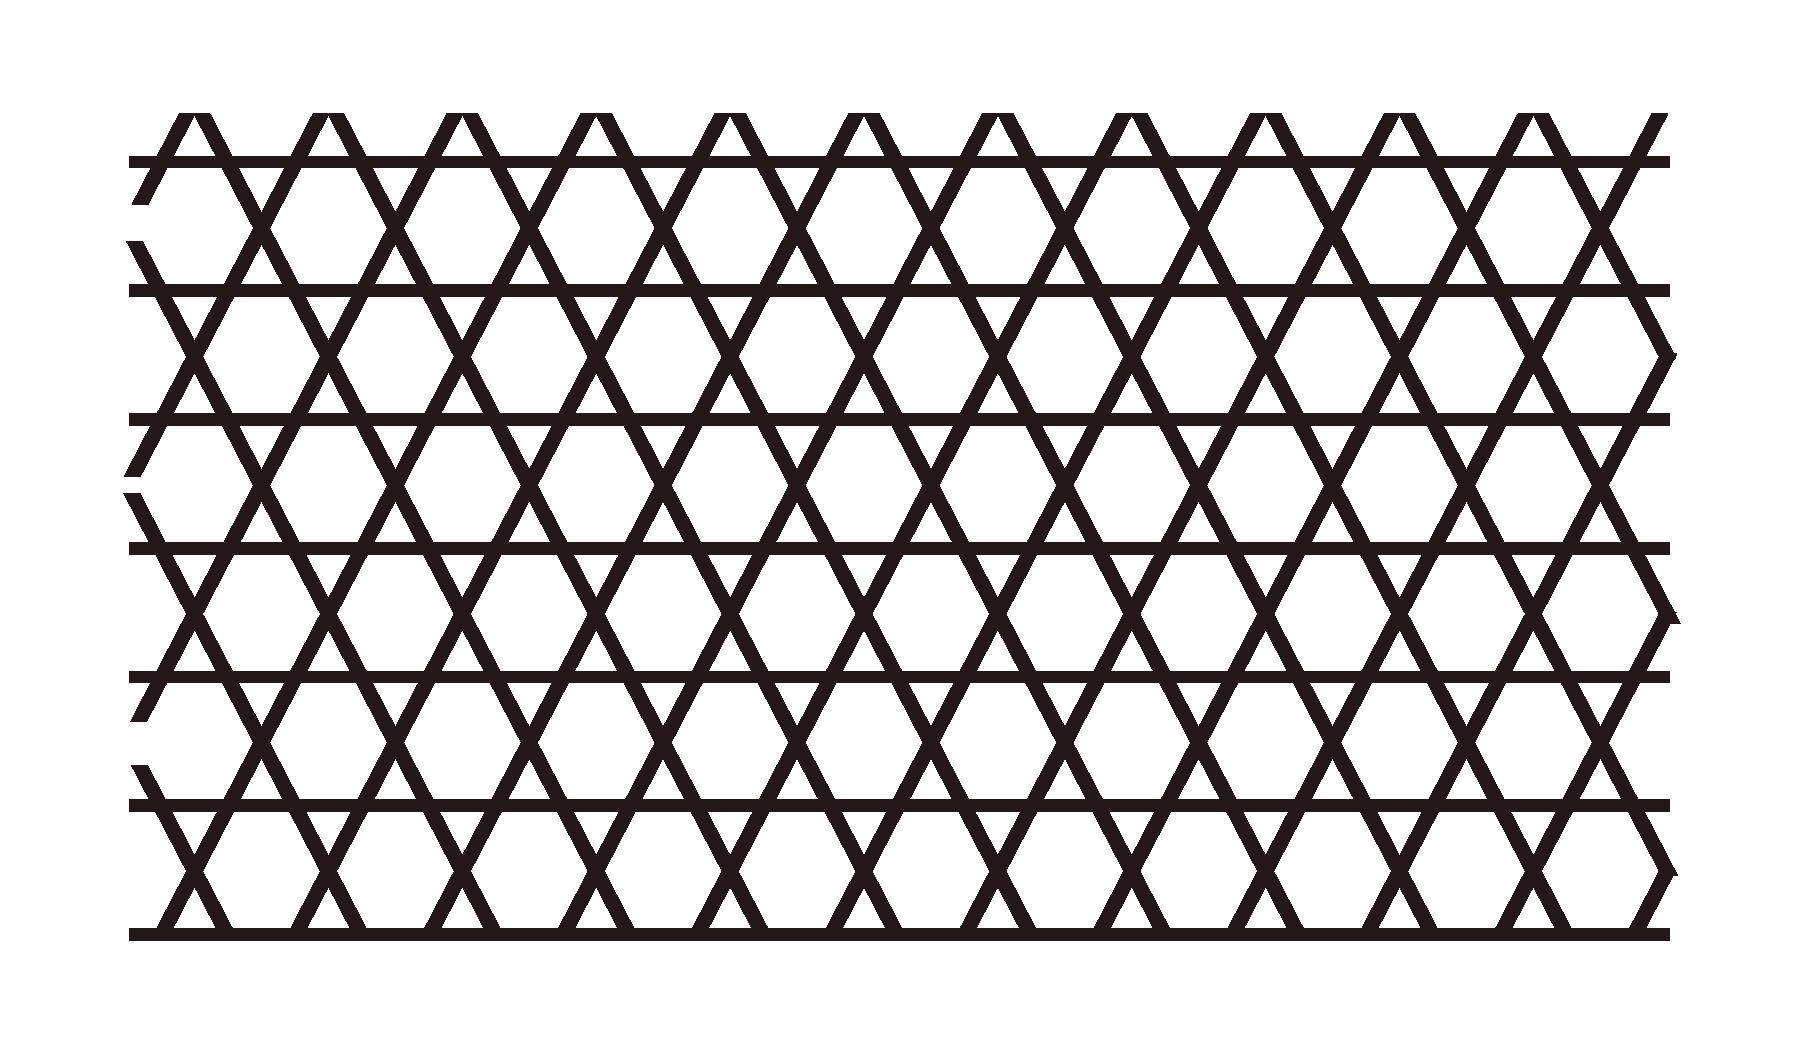 図案・紋様